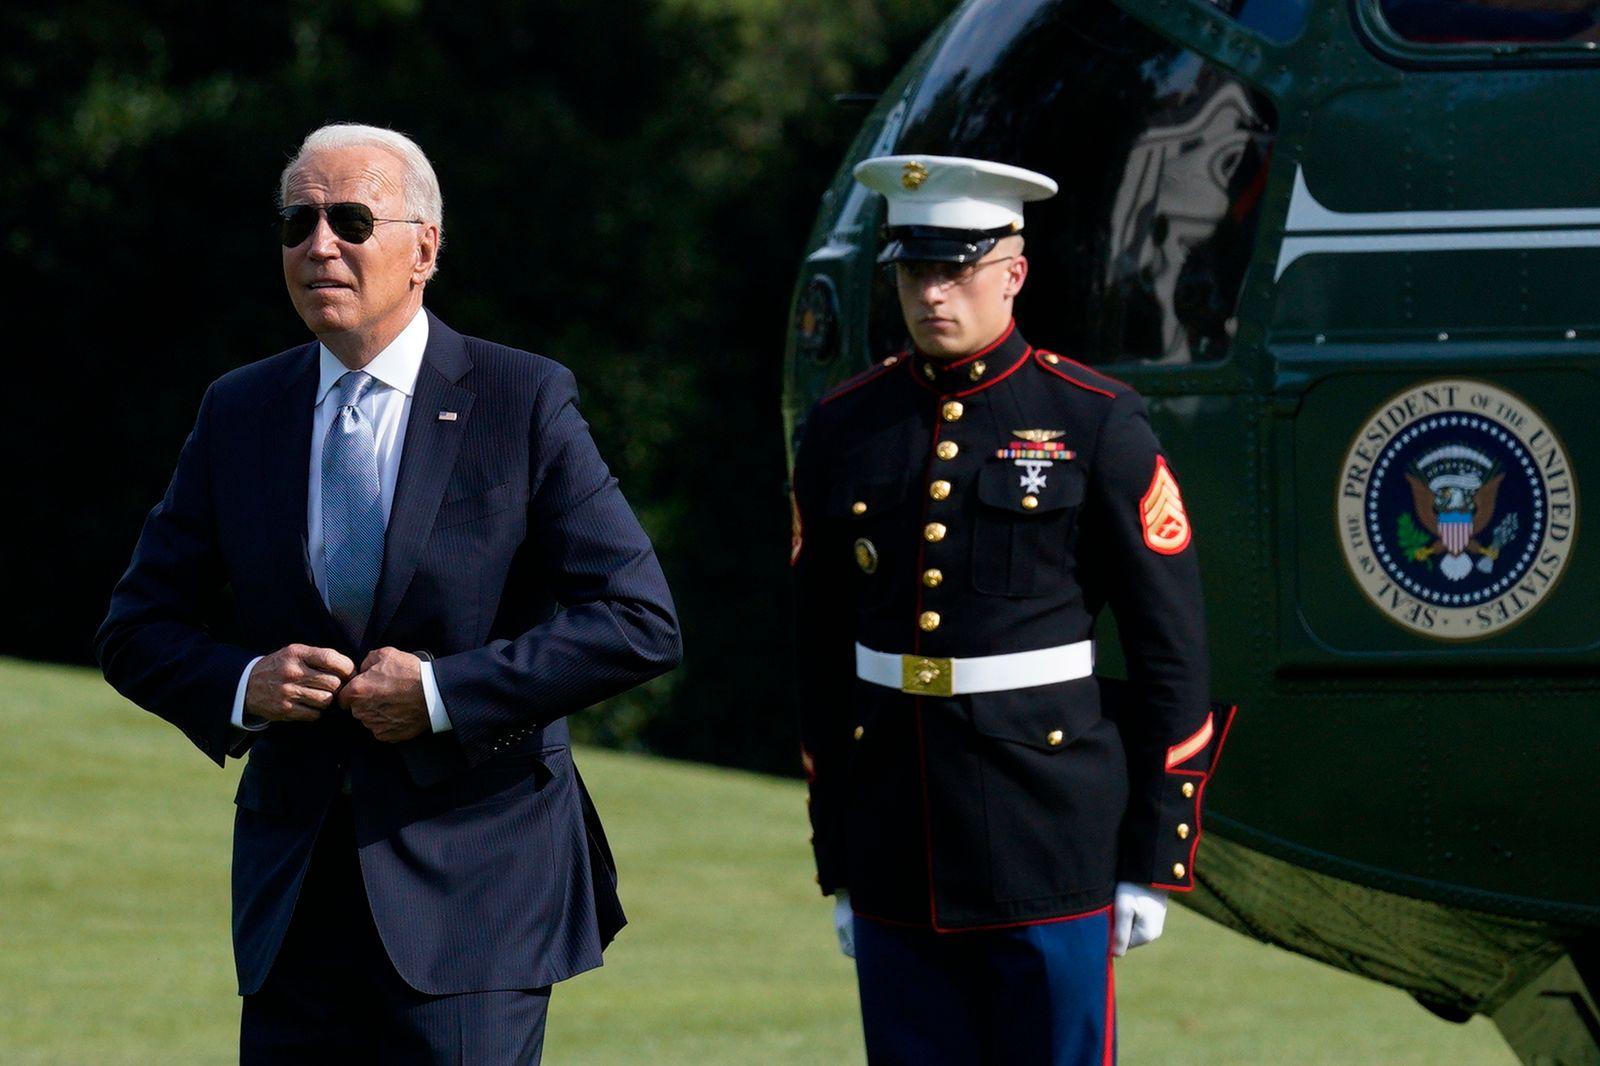 US President Biden returns from Philadelphia